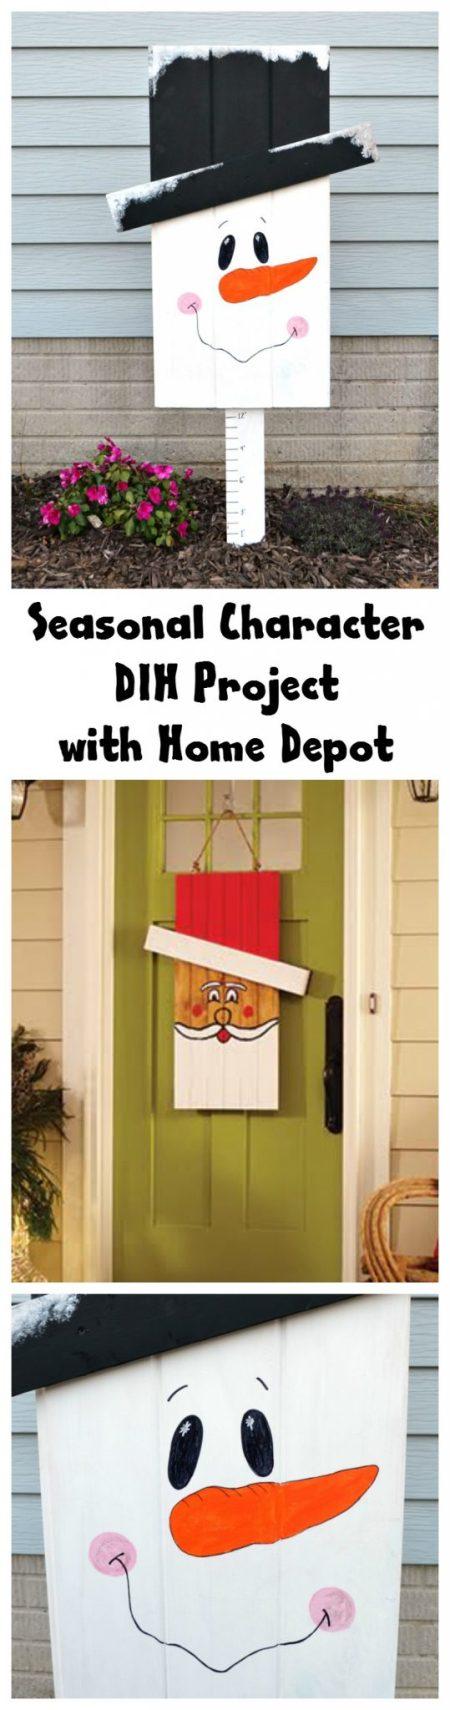 Seasonal Character DIH Project